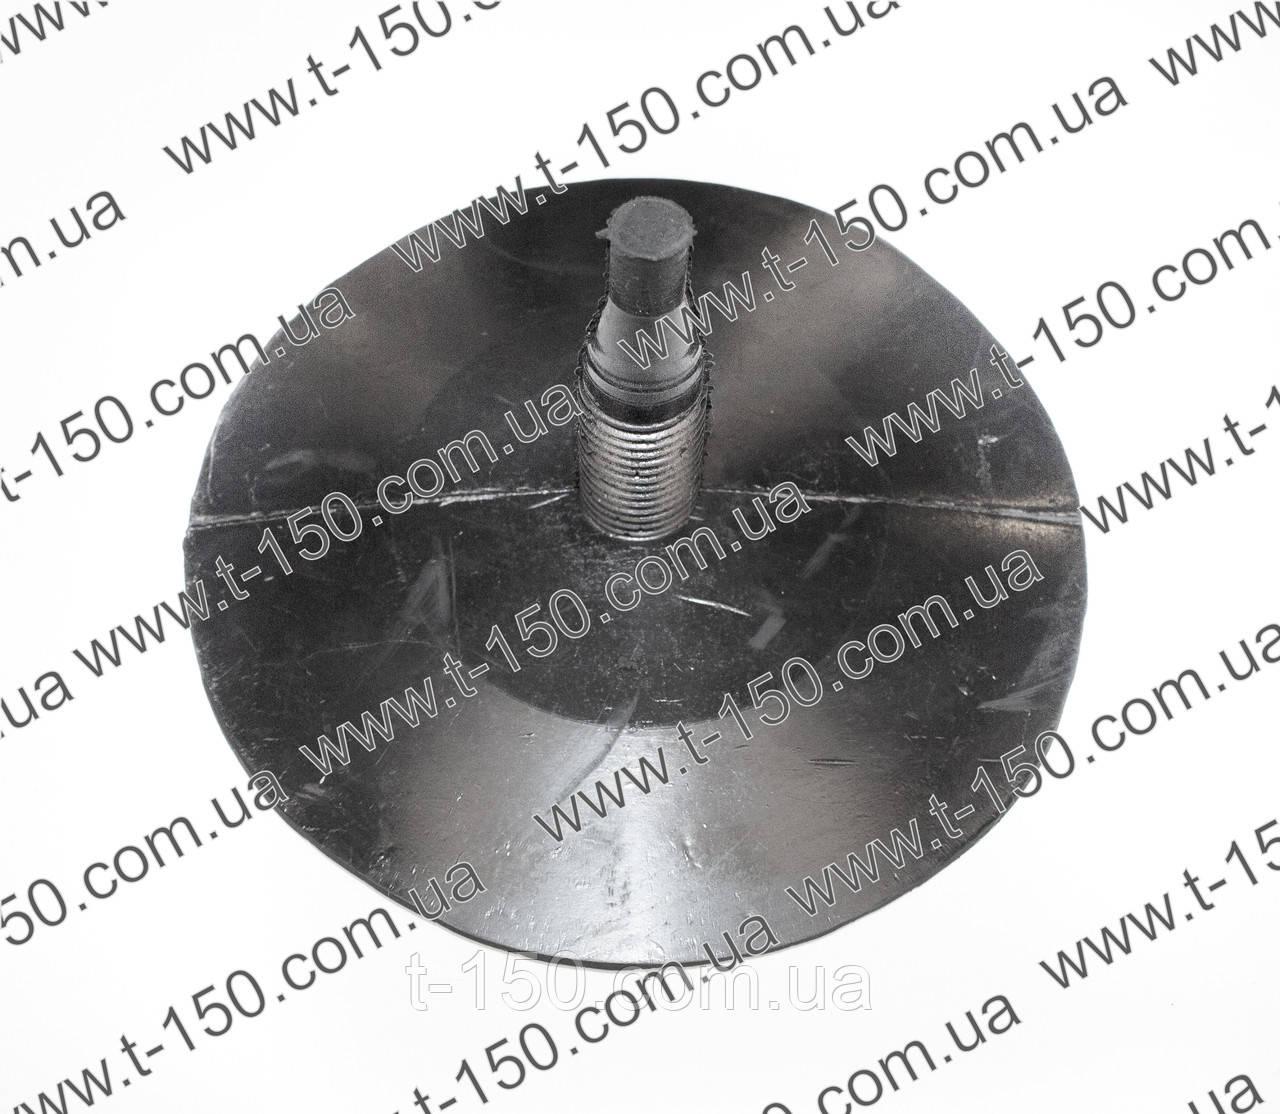 Грибок для ремонта шин (покрышек) №9 d=175 толстая ножка и шляпка